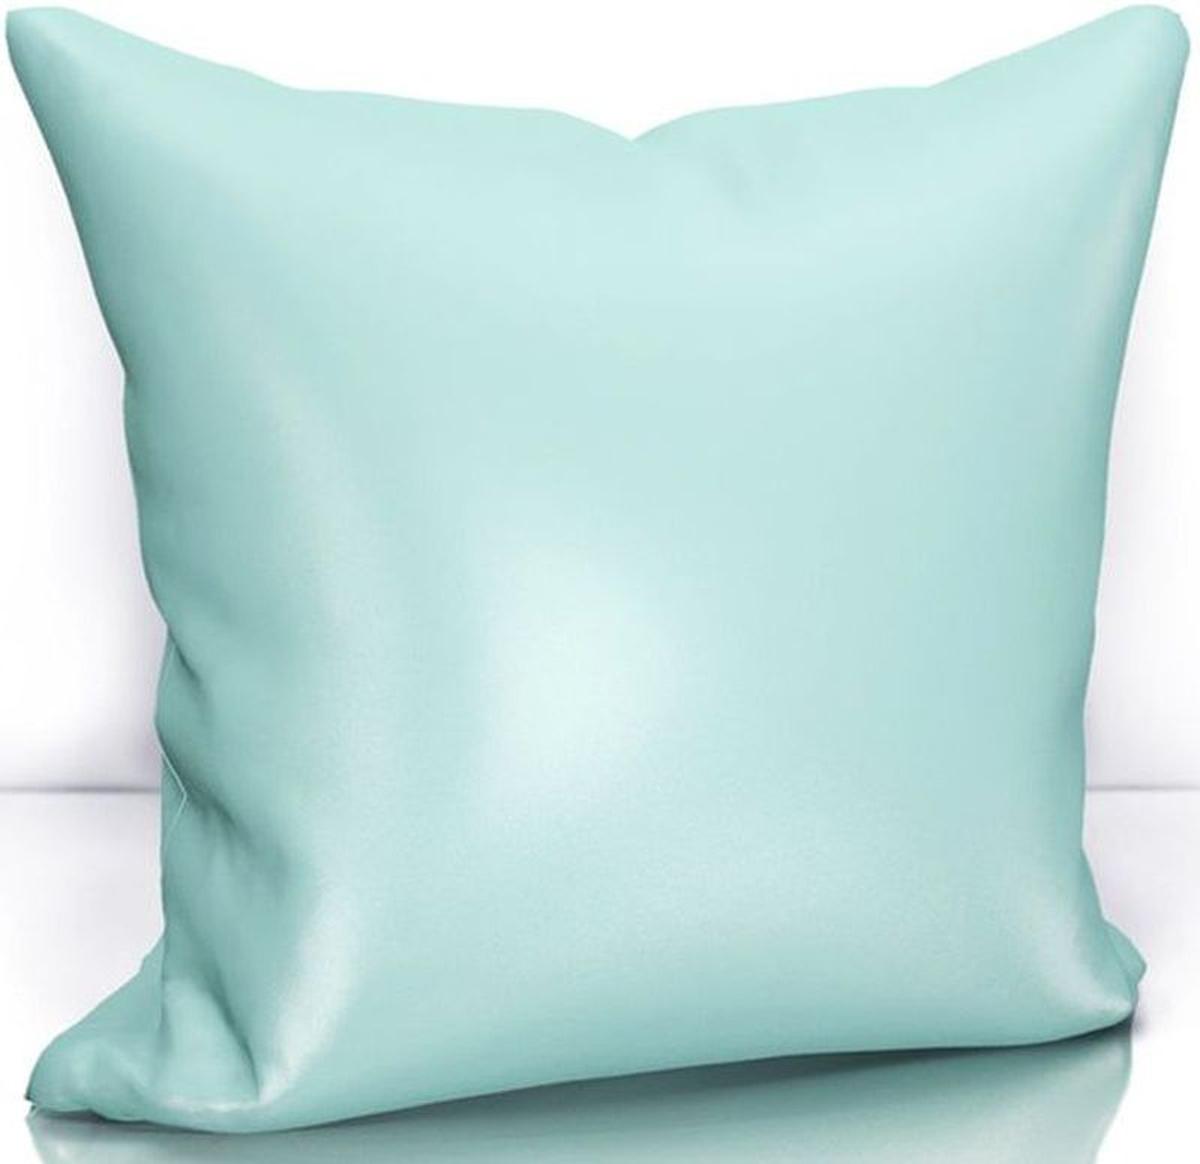 Подушка декоративная KauffOrt Эвелина, цвет: голубой, 40 х 40 см